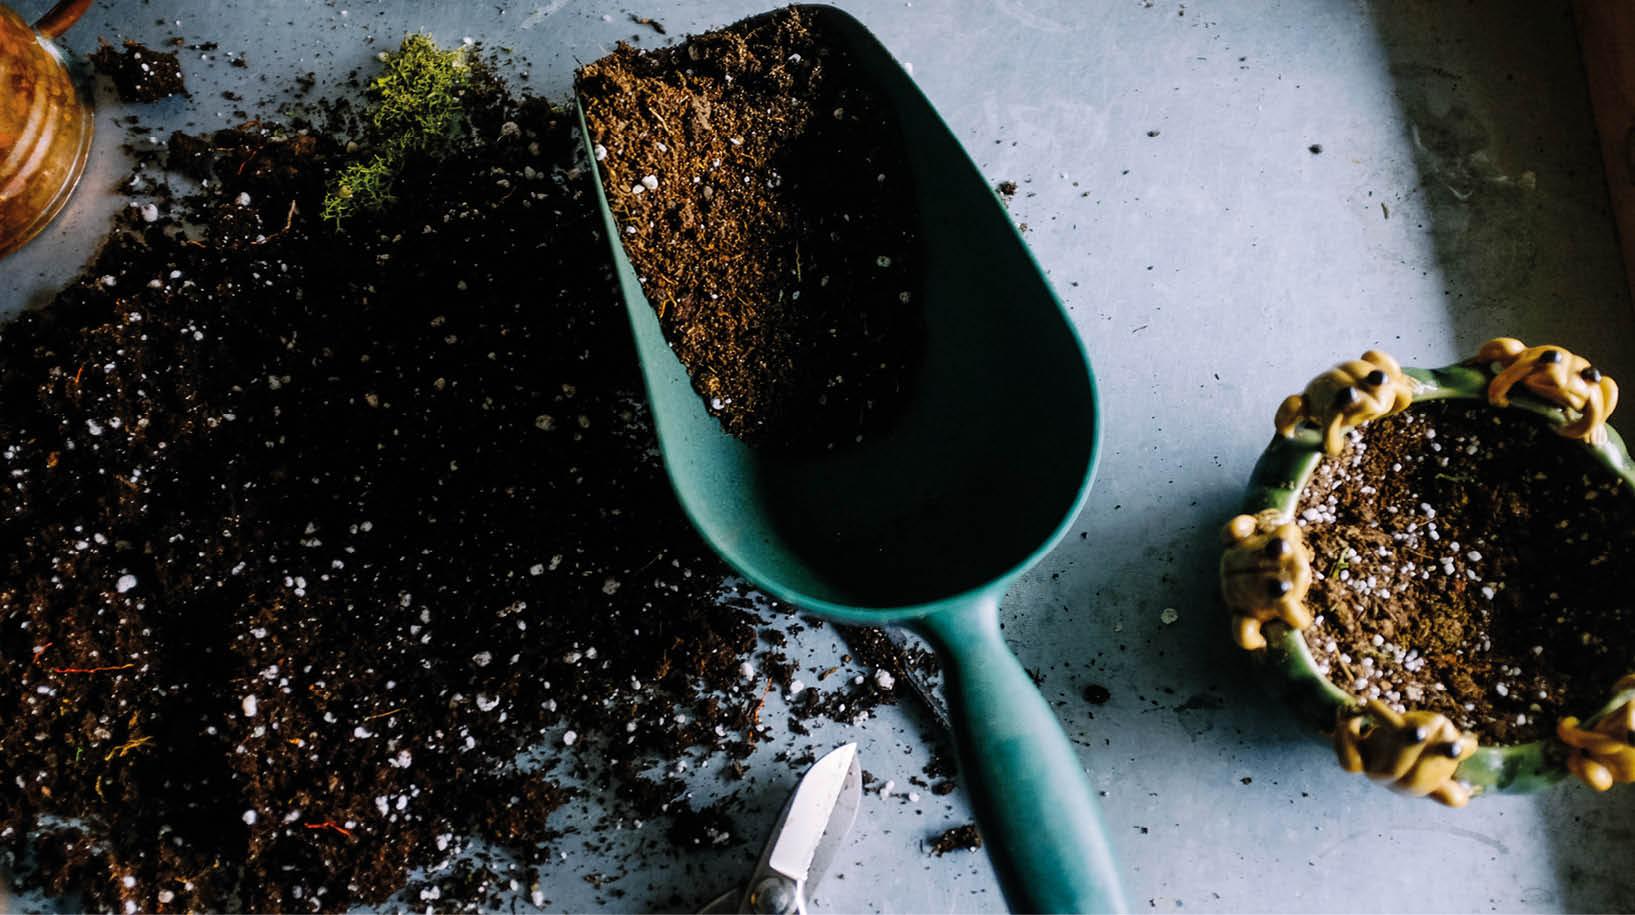 4 conseils myshopi pour pr parer votre jardin au printemps myshopi blog for Conseil pour le jardin